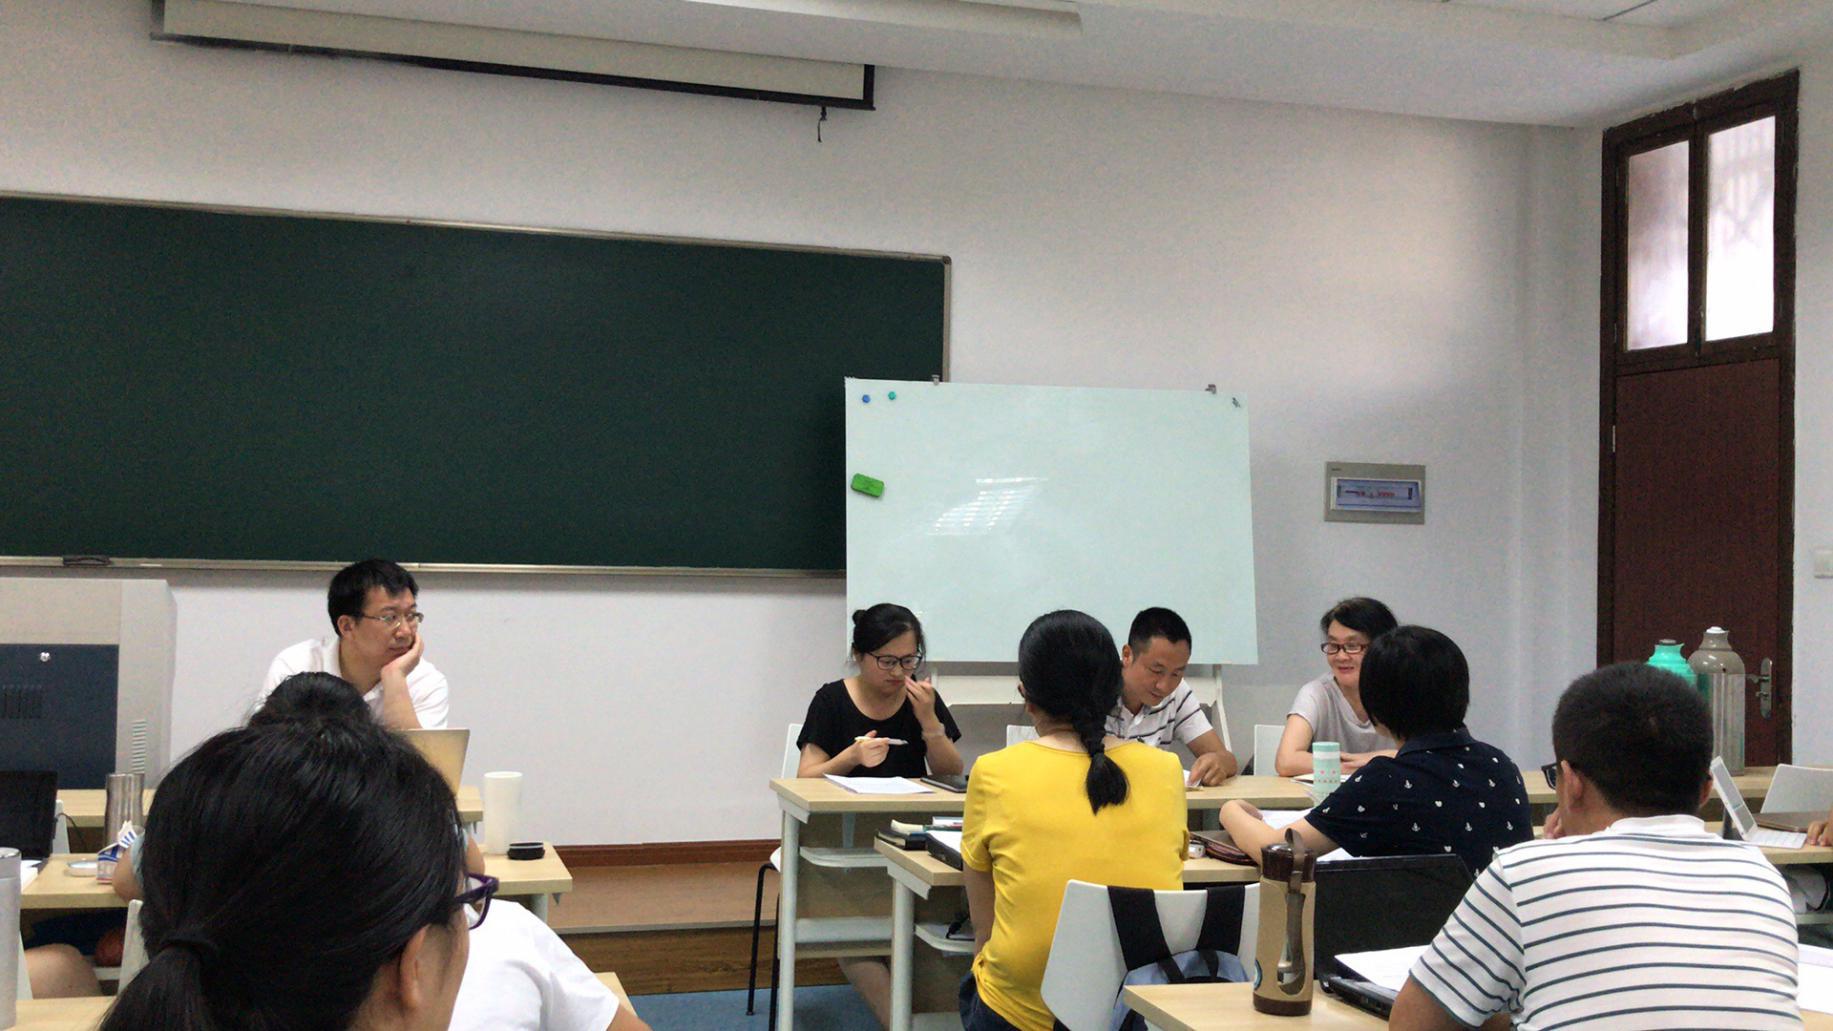 浙江大学教育学院召开2017级非全日制专业学位在职教育硕士研究生座谈会